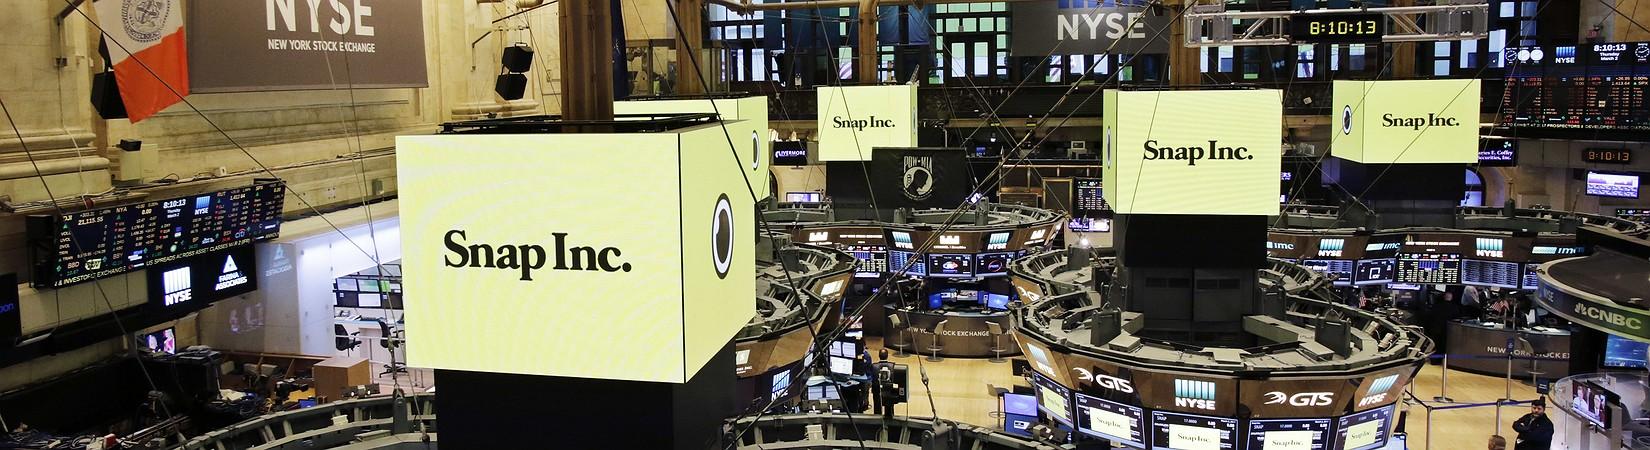 Сервис «только для богатых»: Из-за слов Эвана Шпигеля акции Snap упали на 5%